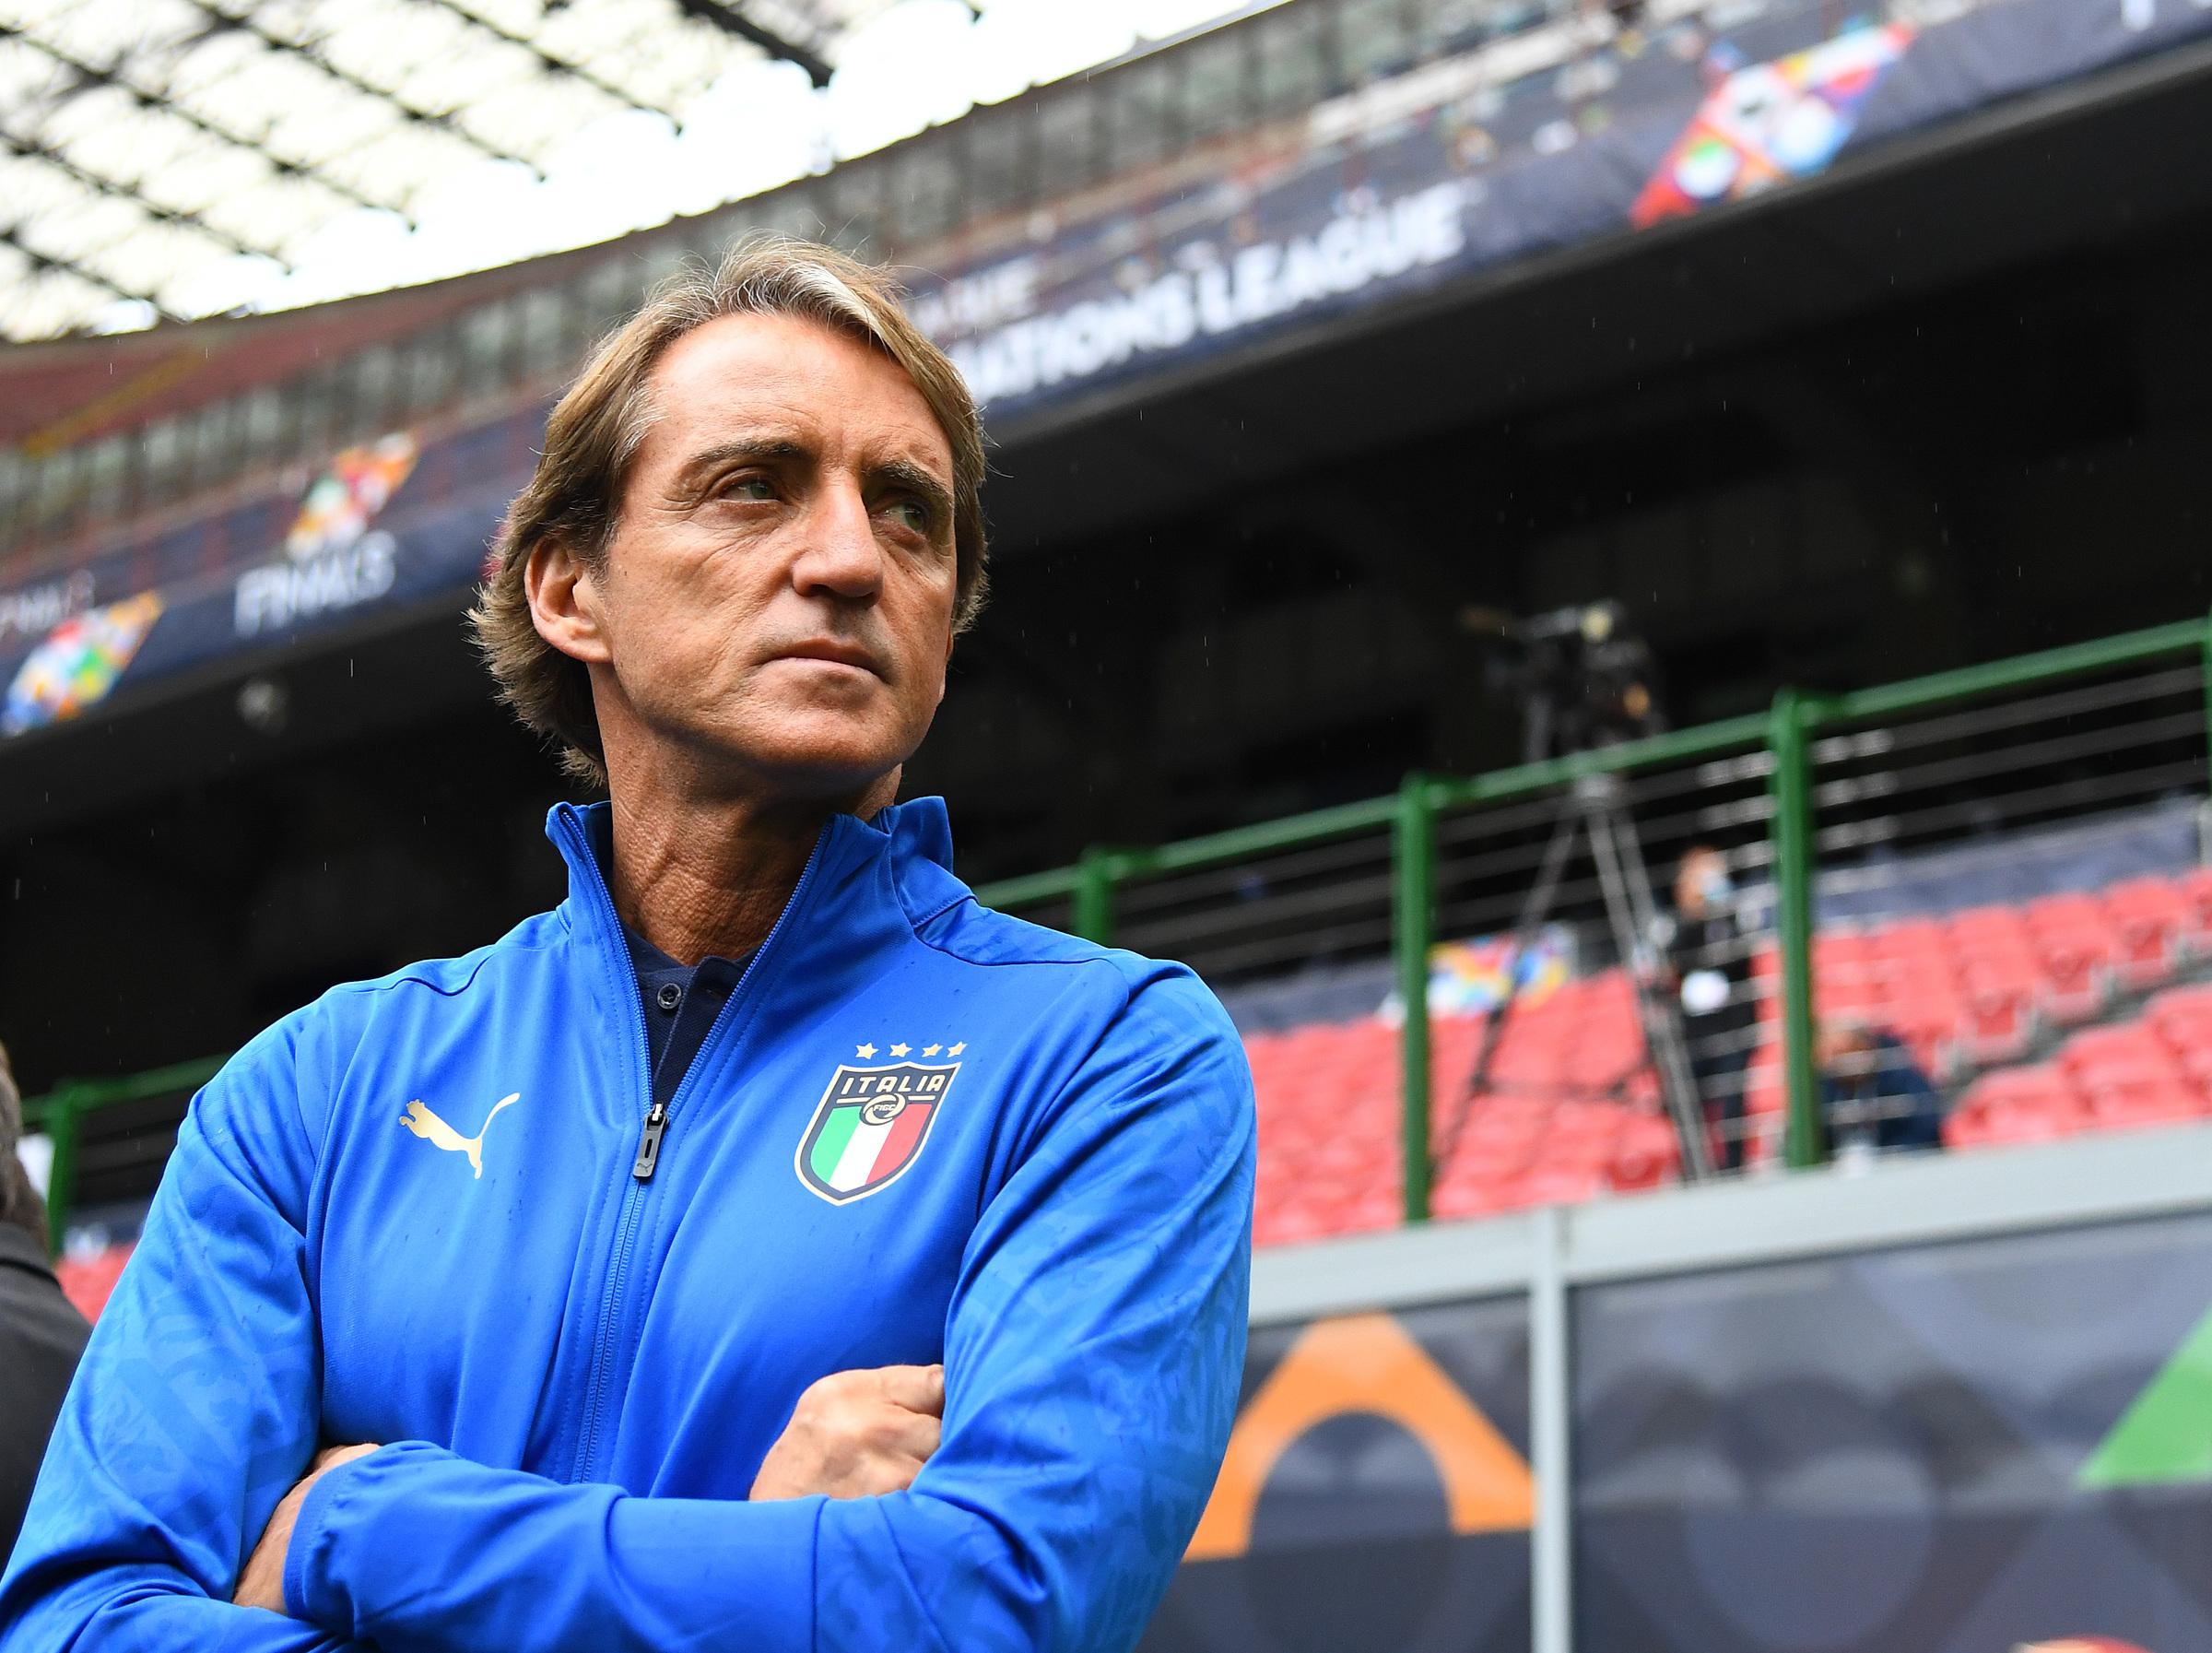 Mancini quan sát các tuyển thủ Italy tập tại San Siro hôm 5/10. Ảnh: FIGC